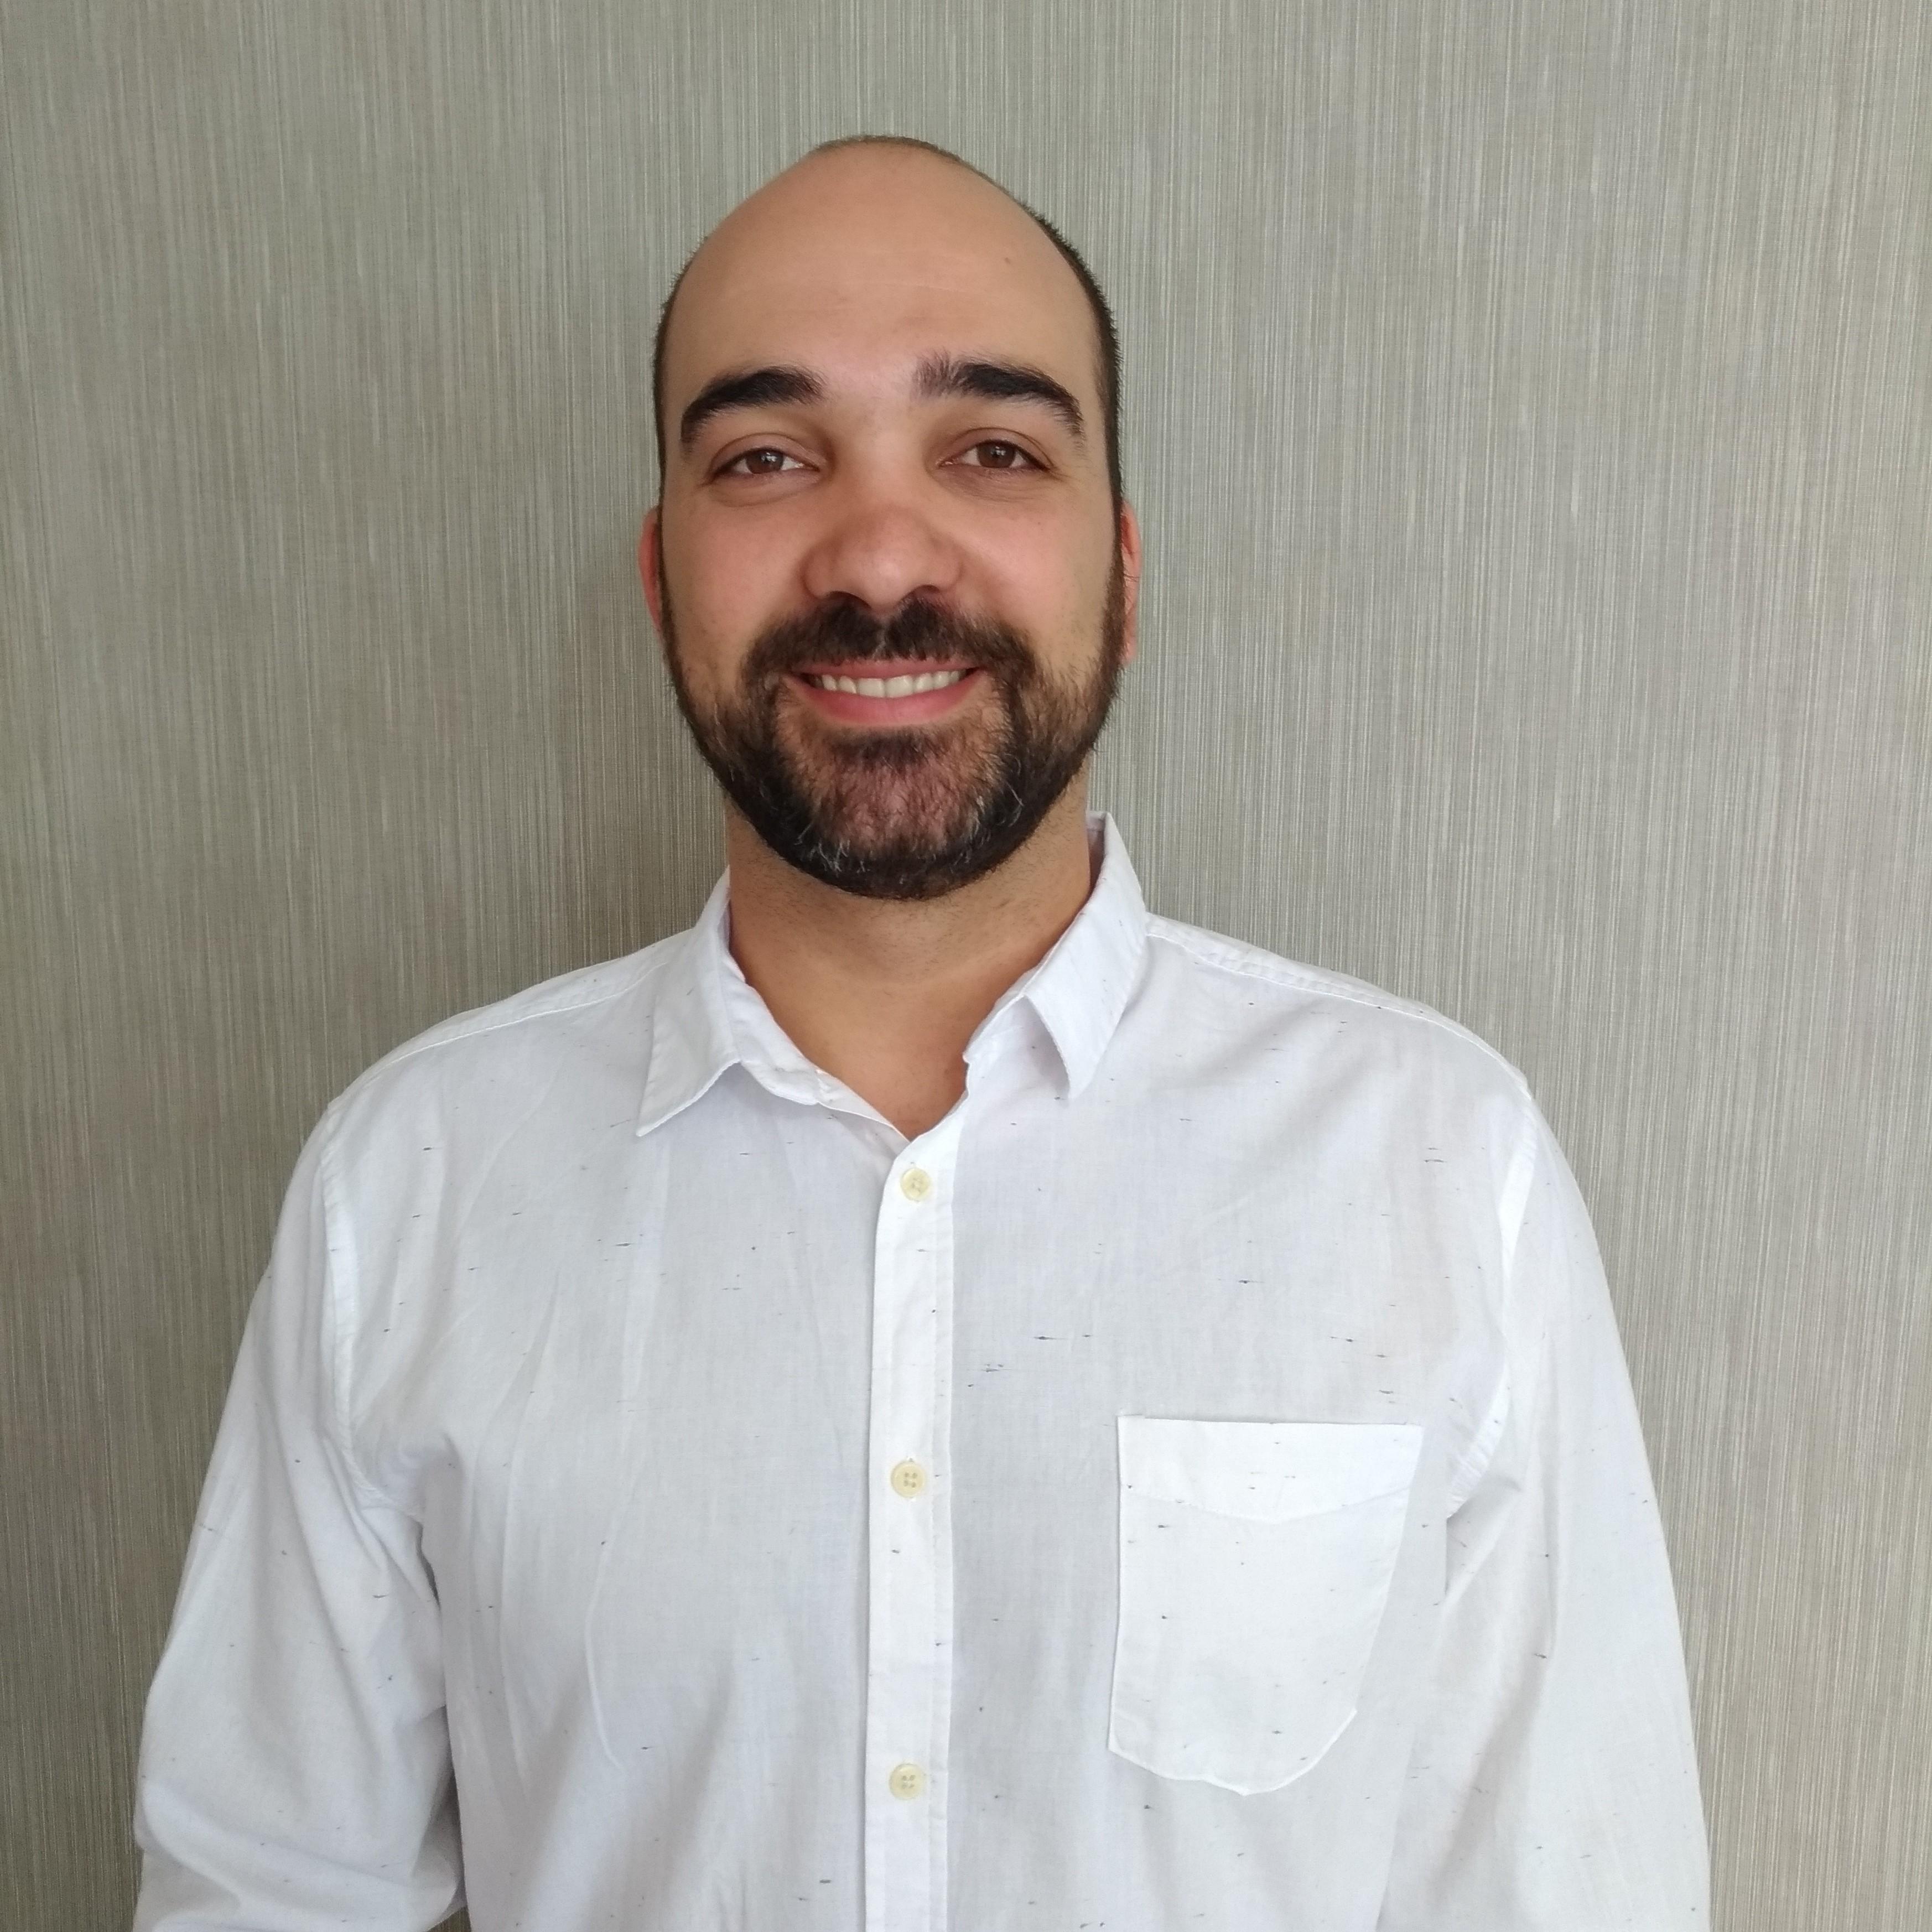 André Lins Gonzalez